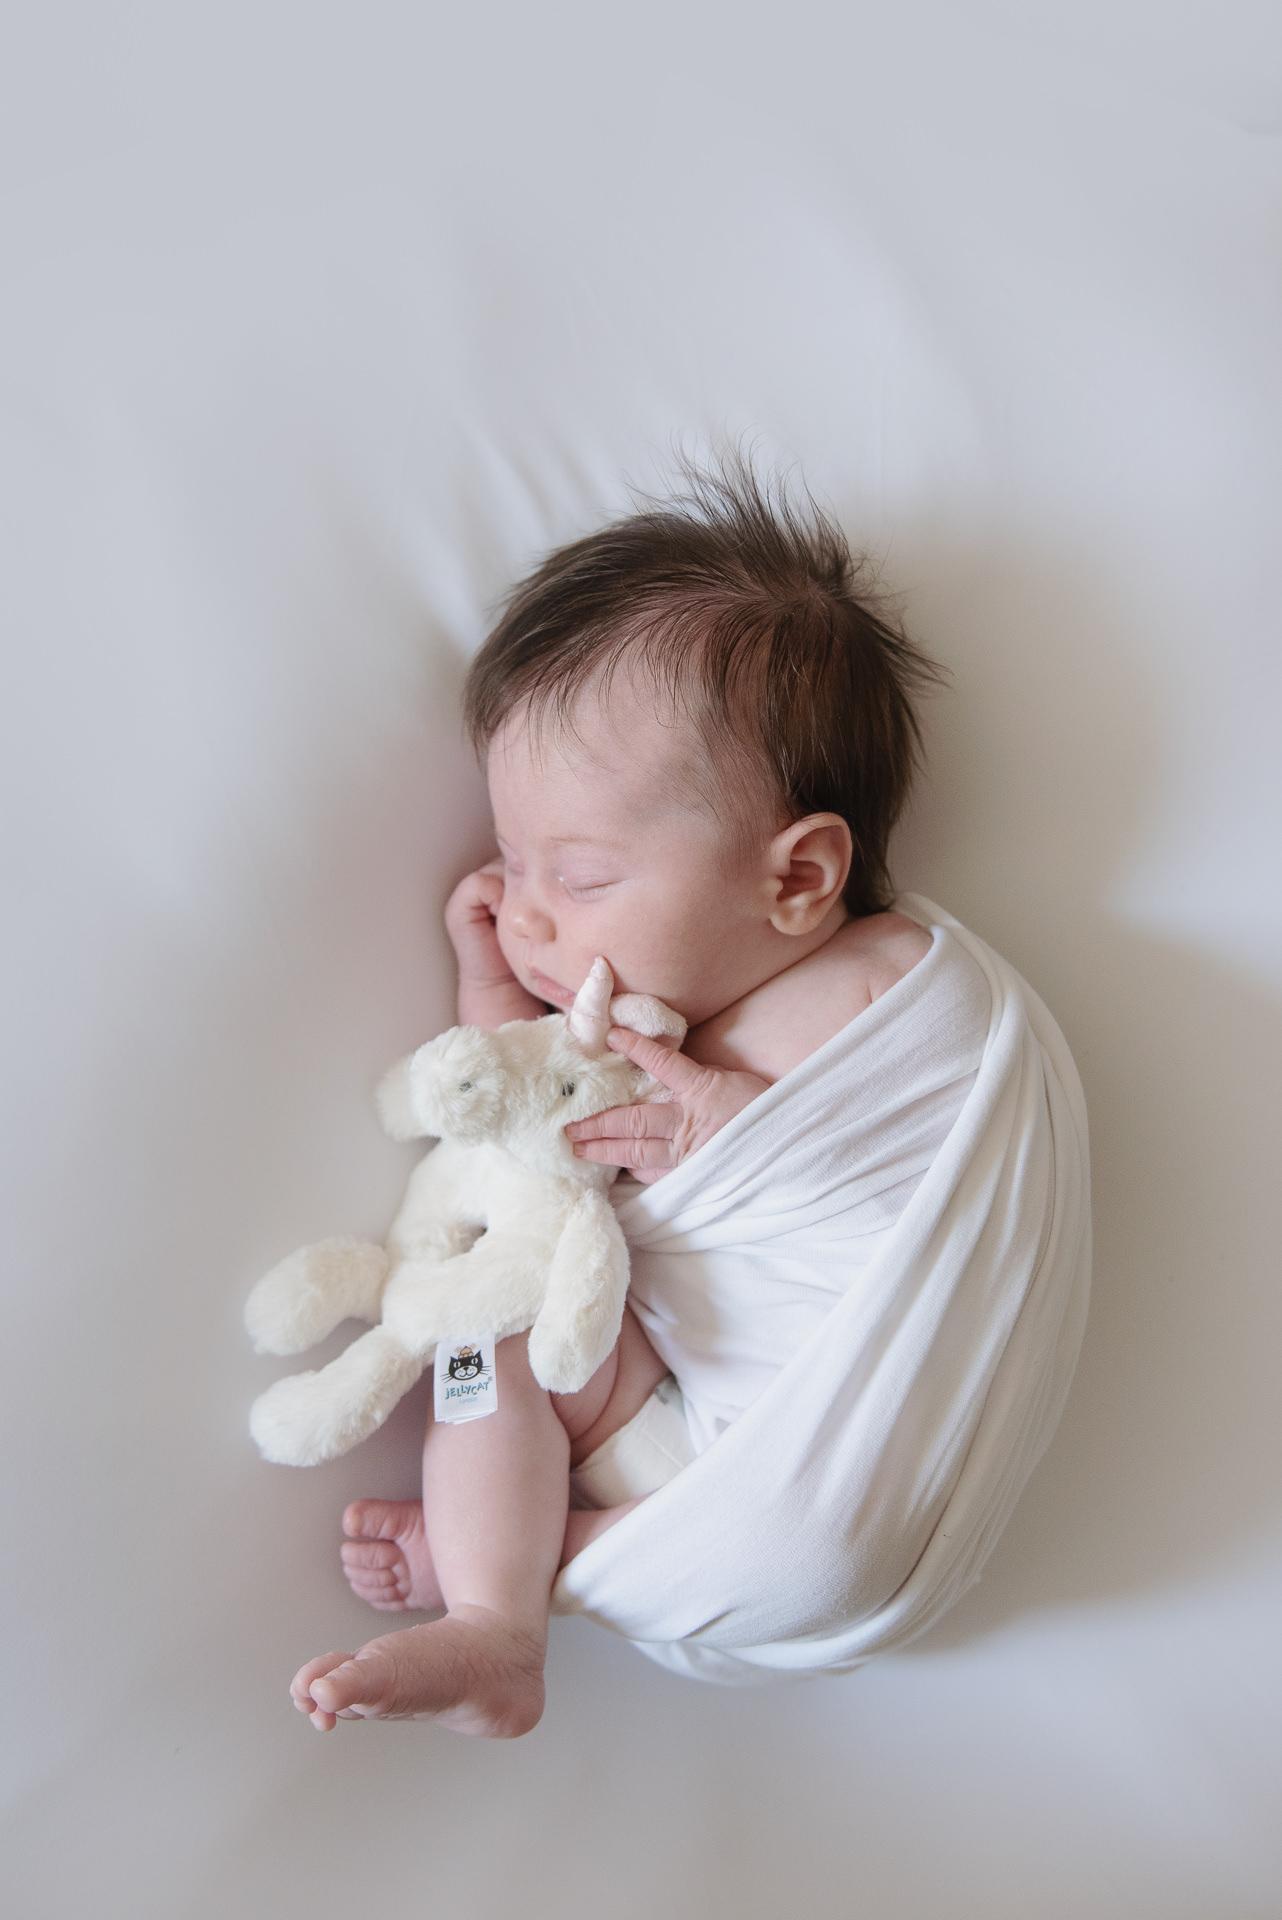 Newborn baby and toy